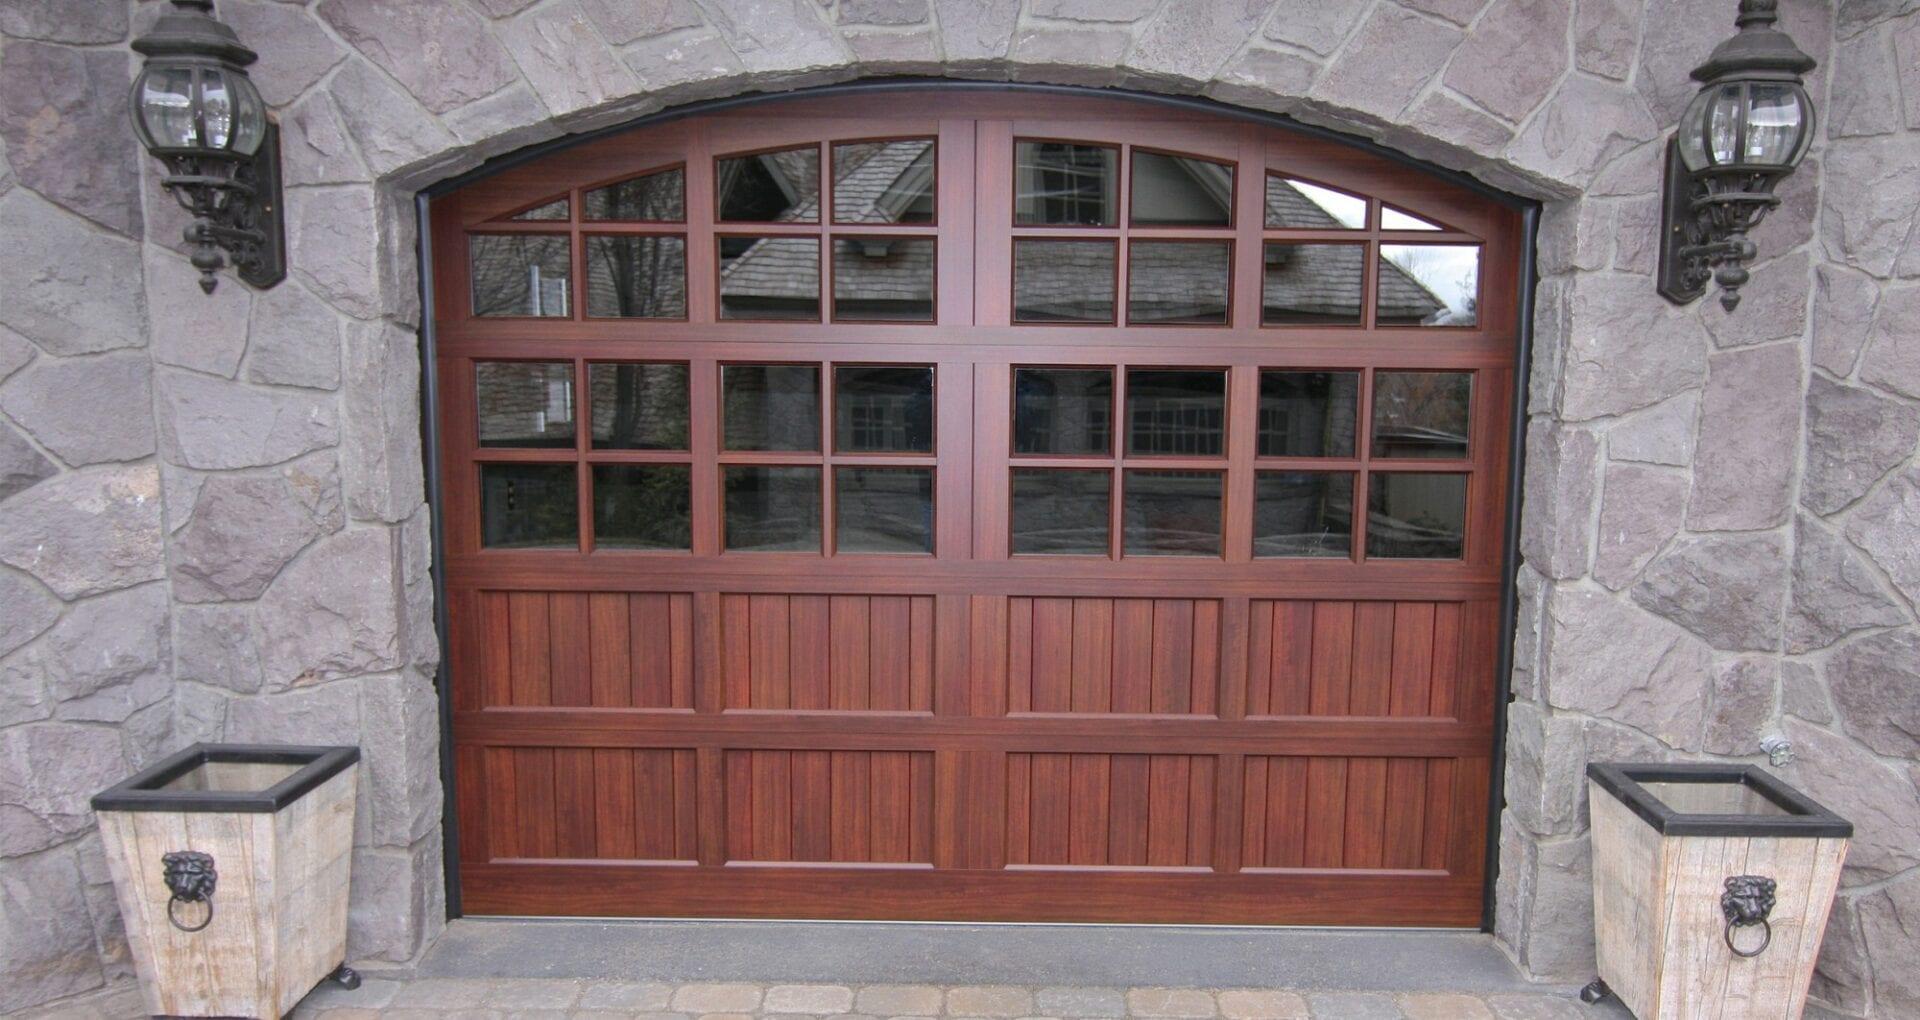 Wyoming's Top Rated Local® Garage Door Contractors Award Winner: Vertical Door Solutions, Inc.